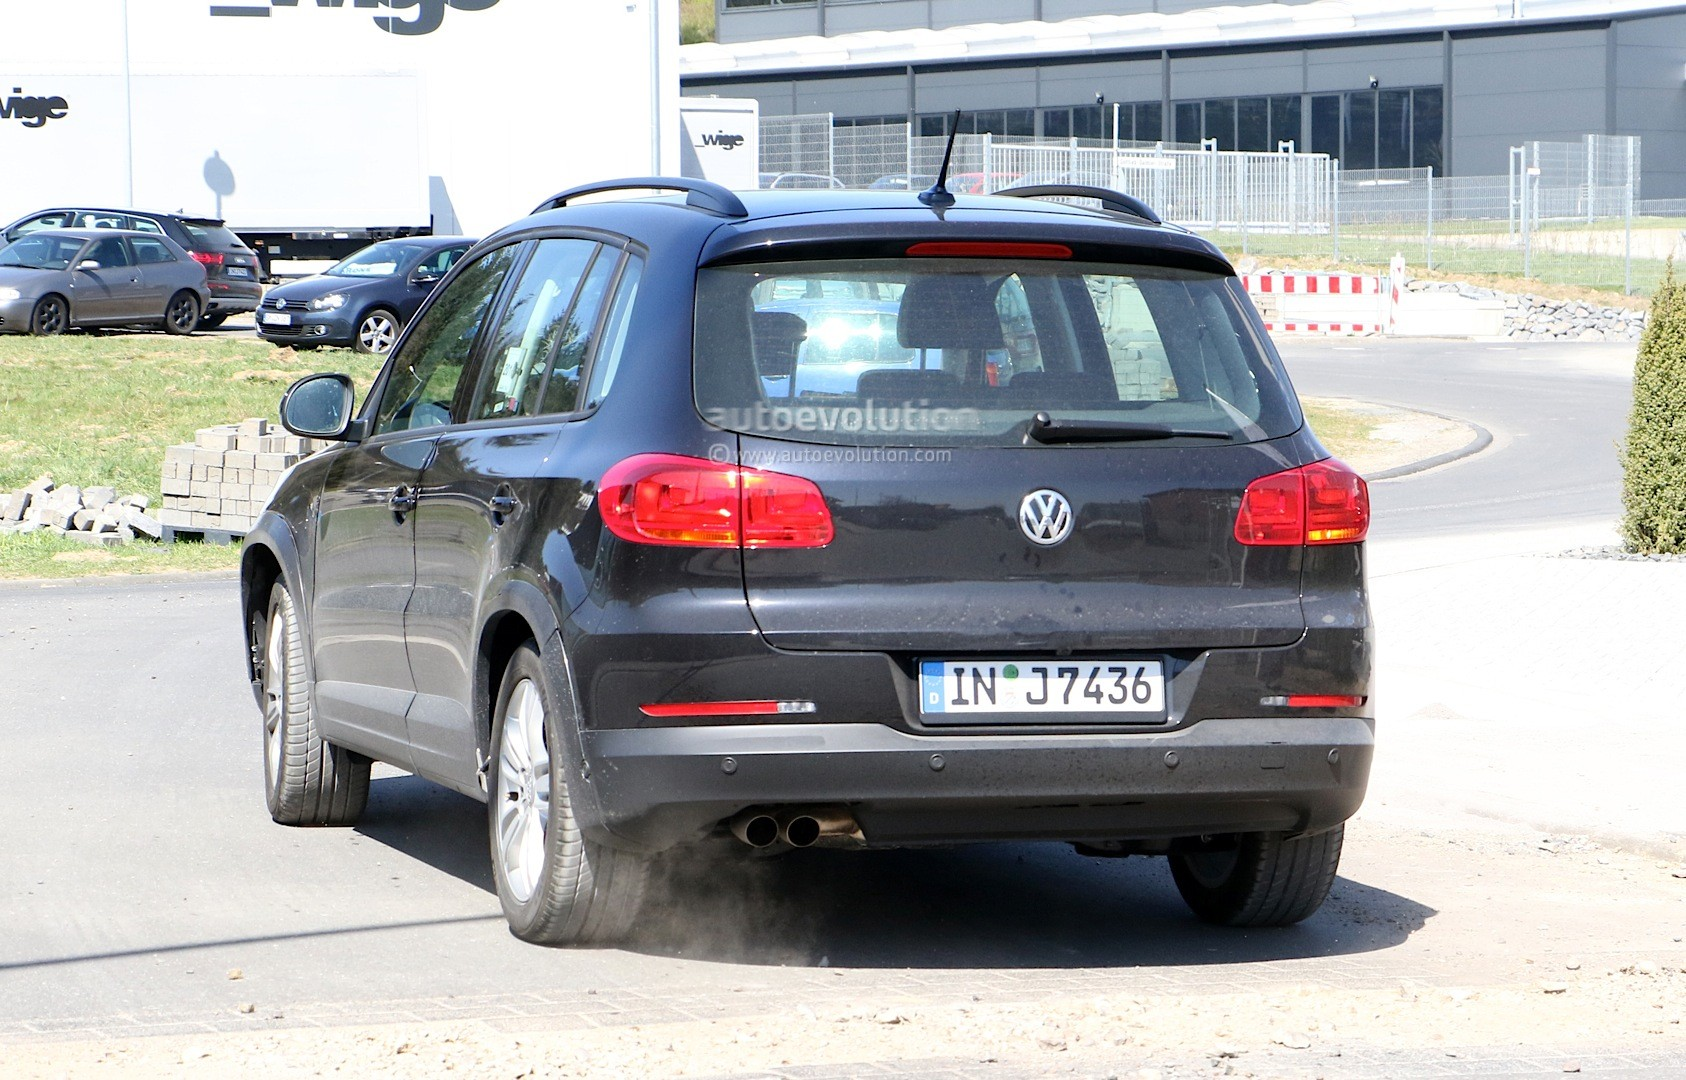 2016 - [Audi] Q2 - Page 6 Spyshots-audi-q1-test-mule-hides-under-volkswagen-tiguan-disguise_7